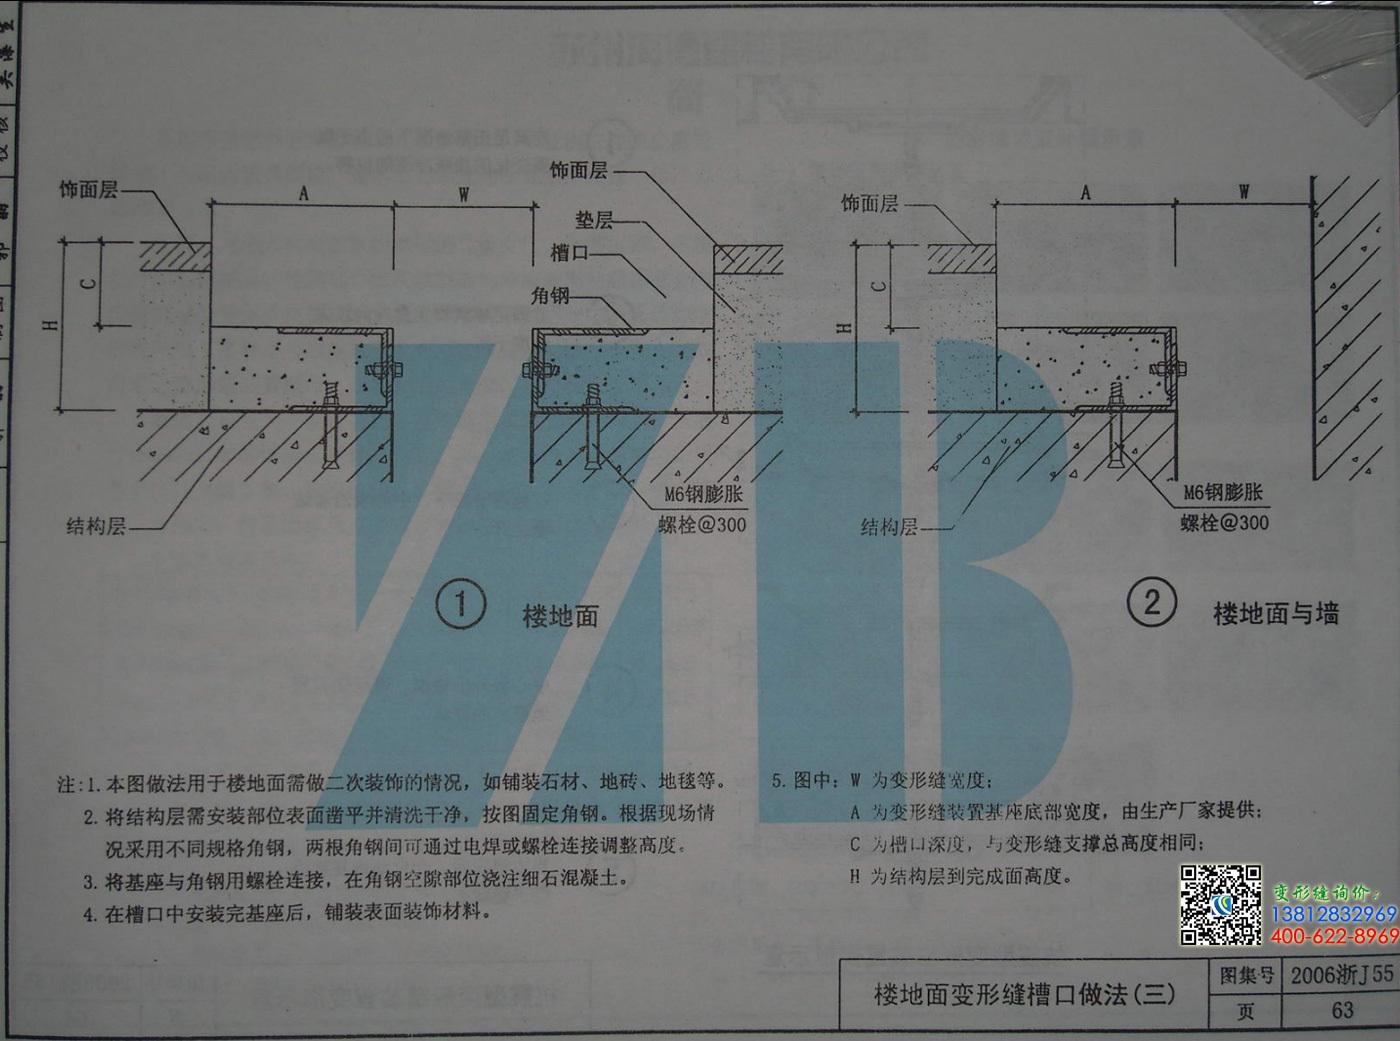 2006浙j55变形缝图集第63页